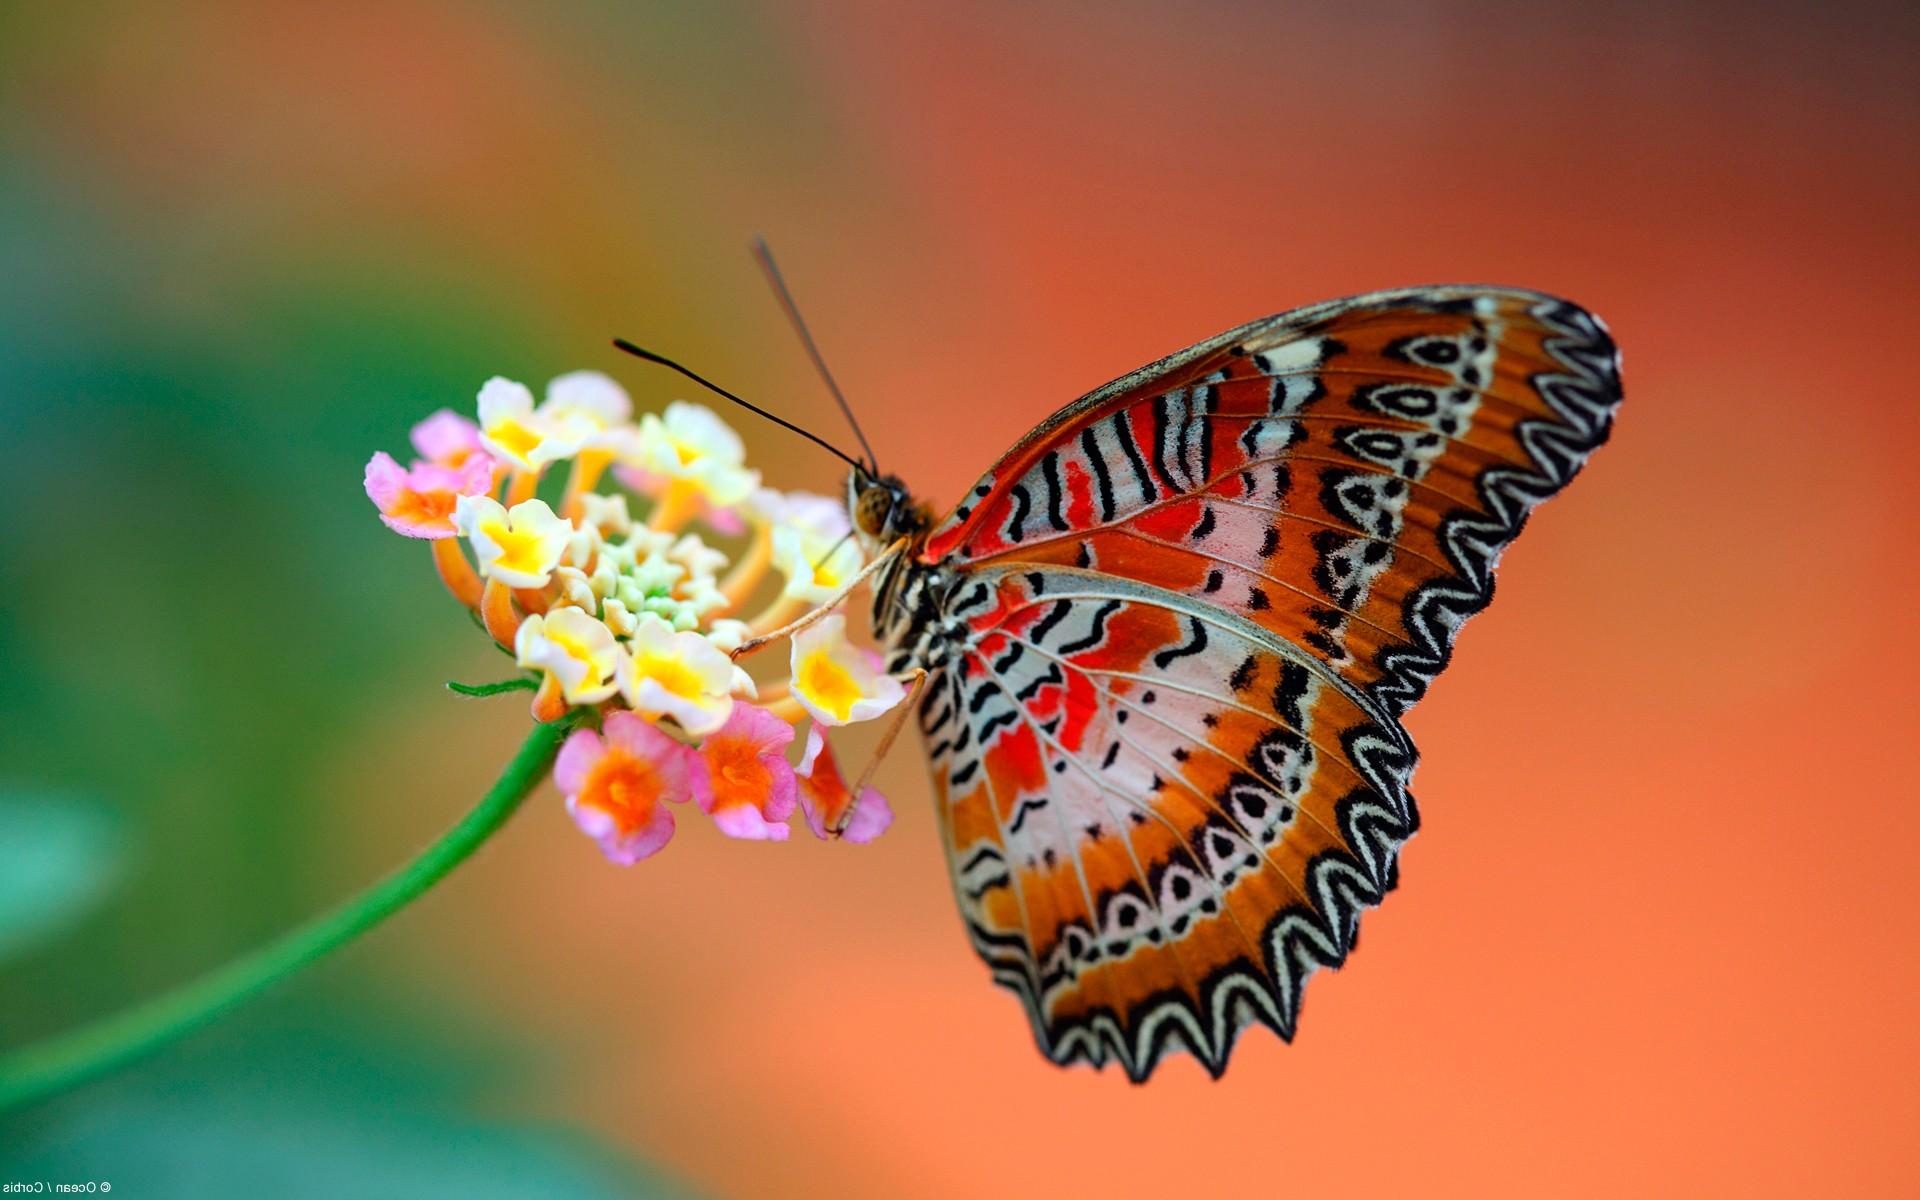 Самая красивая бабочка на цветочке